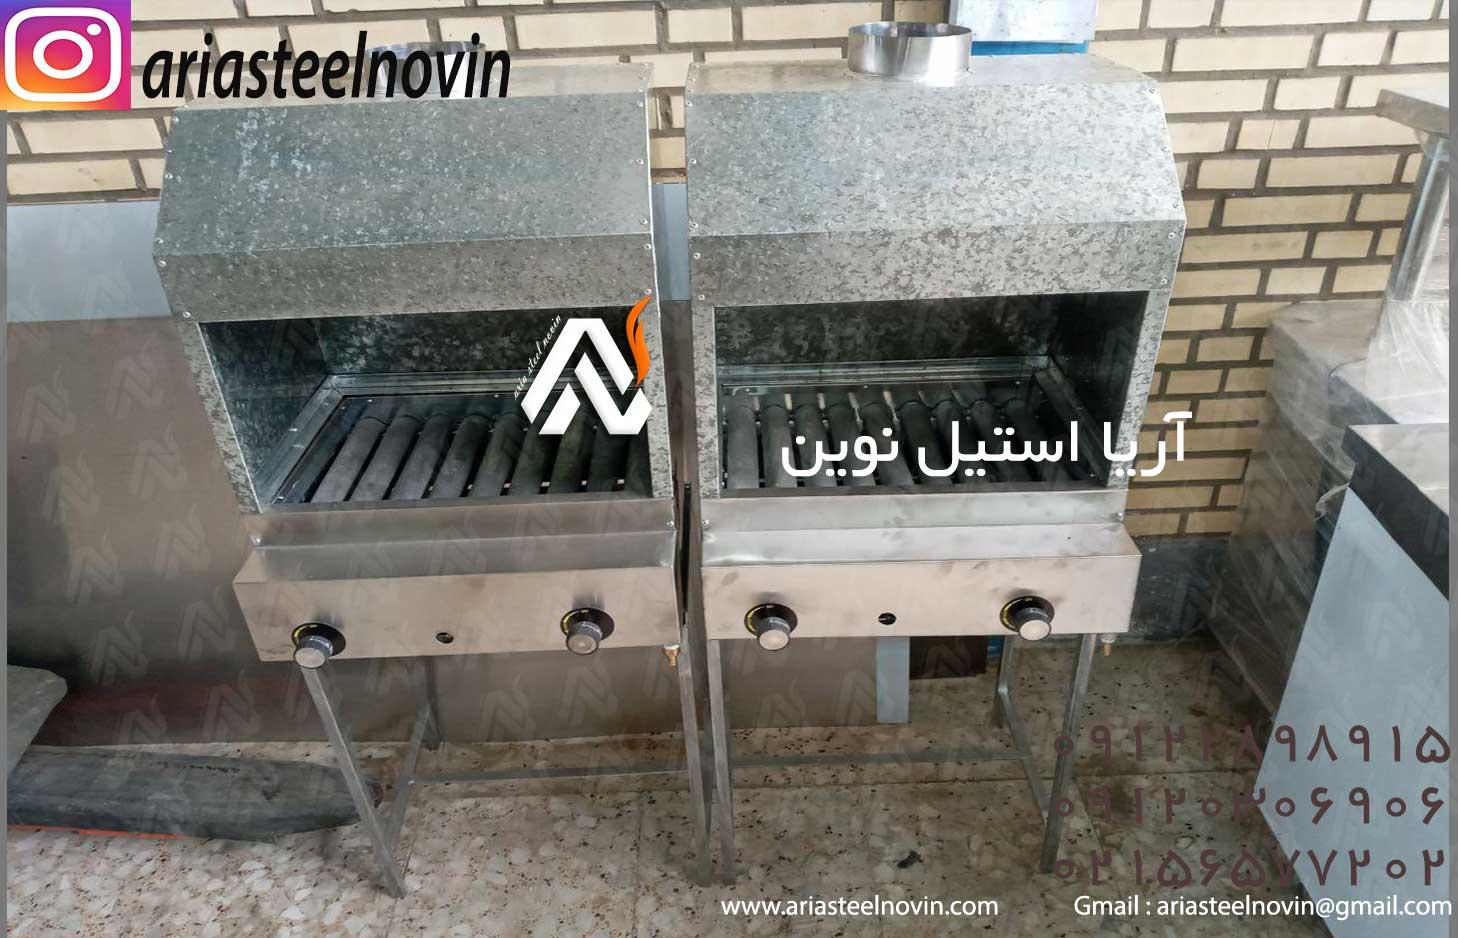 کباب-پز-گازی-ایستاده-9-شعله تجهیزات آشپزخانه صنعتی | تجهیزات فست فود